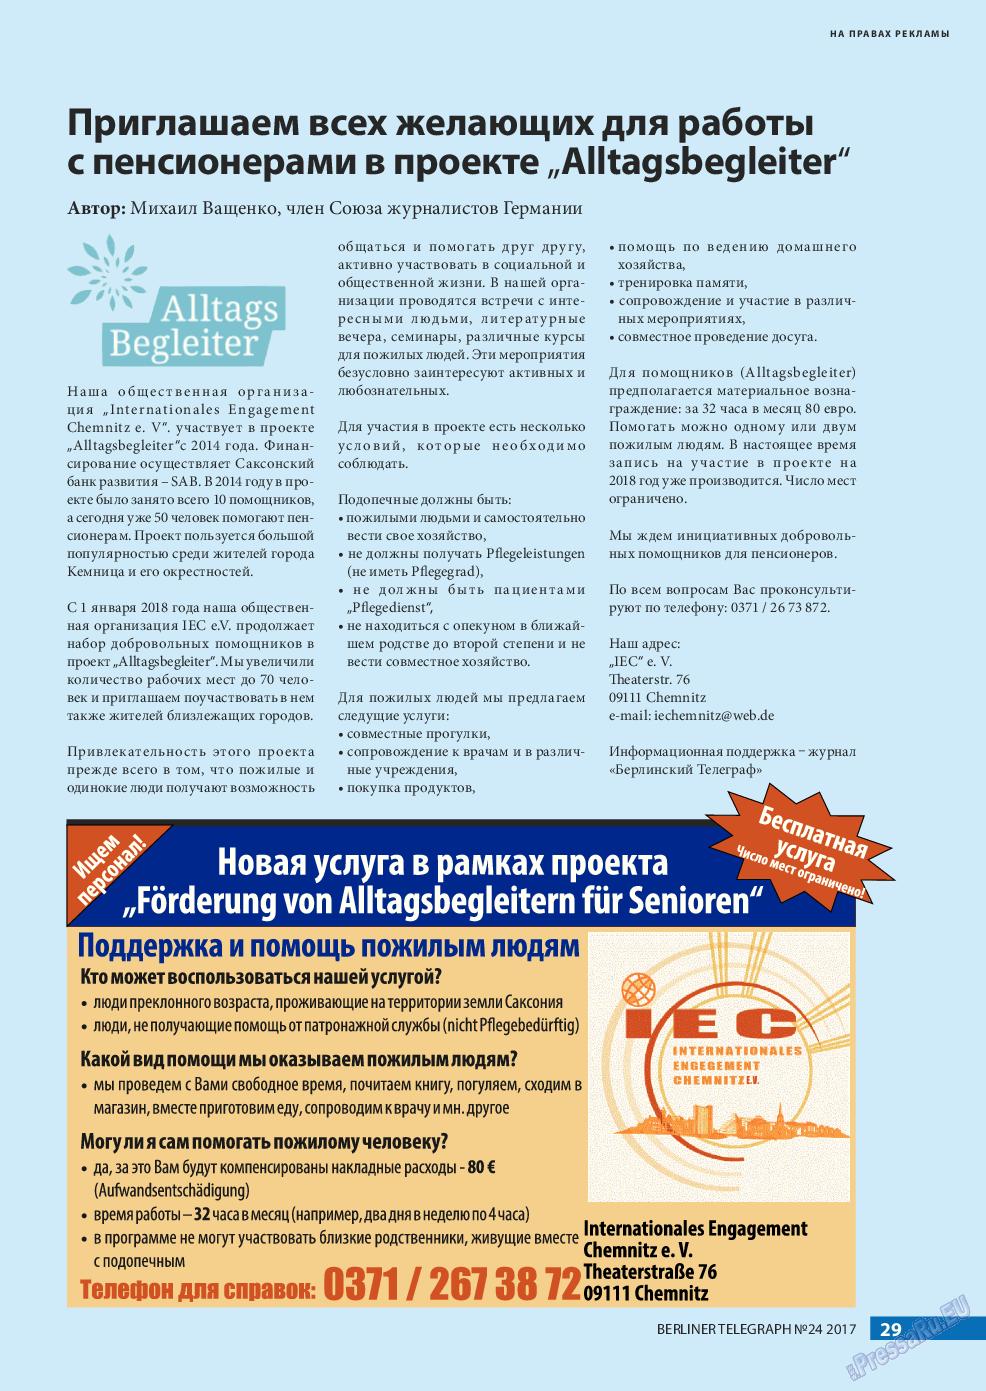 Берлинский телеграф (журнал). 2017 год, номер 24, стр. 29